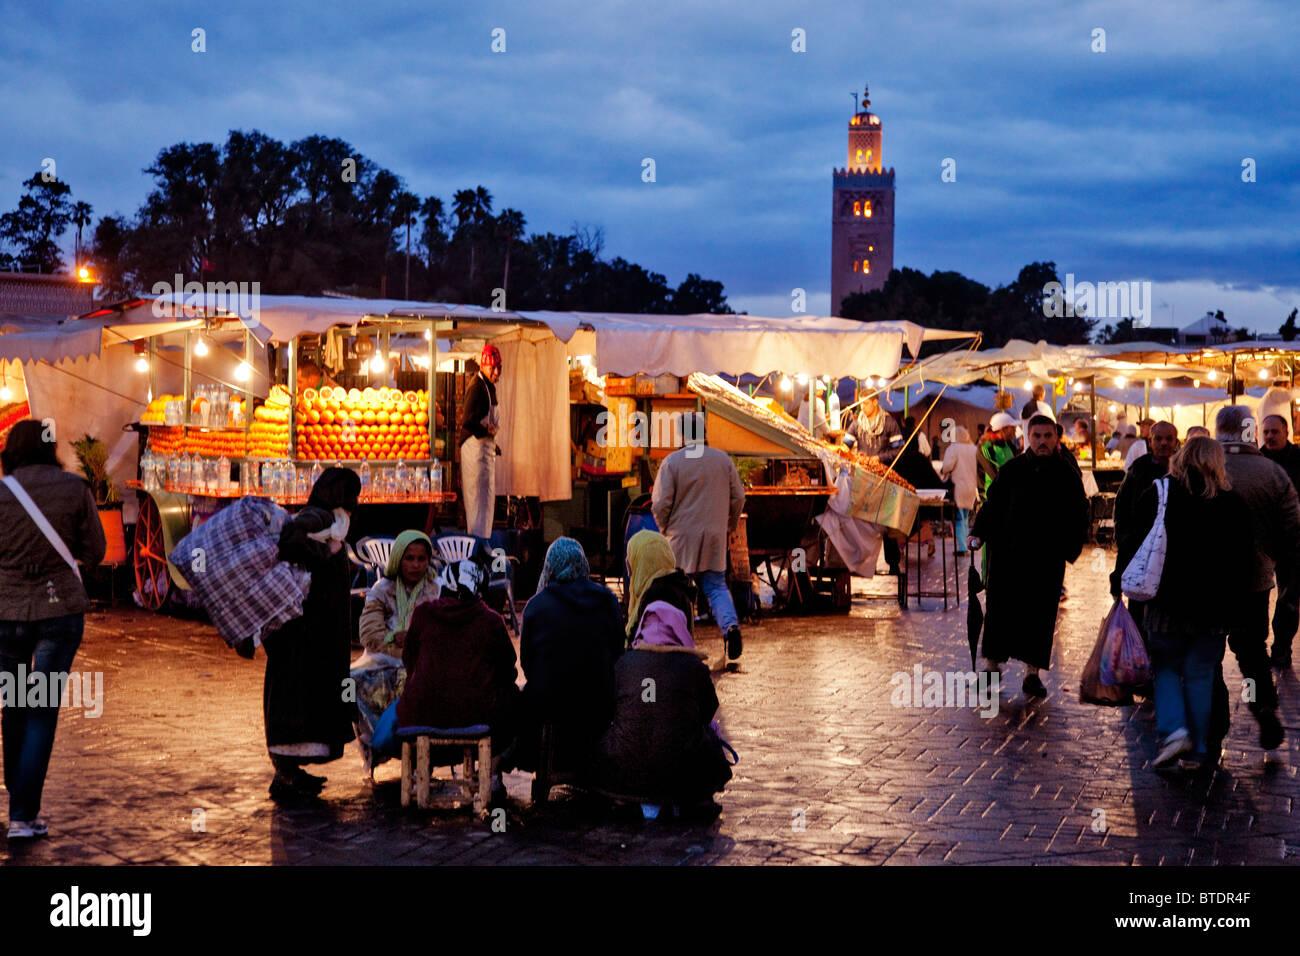 Por la noche una fiesta en la plaza de mercado o Marrakech Medina Foto de stock